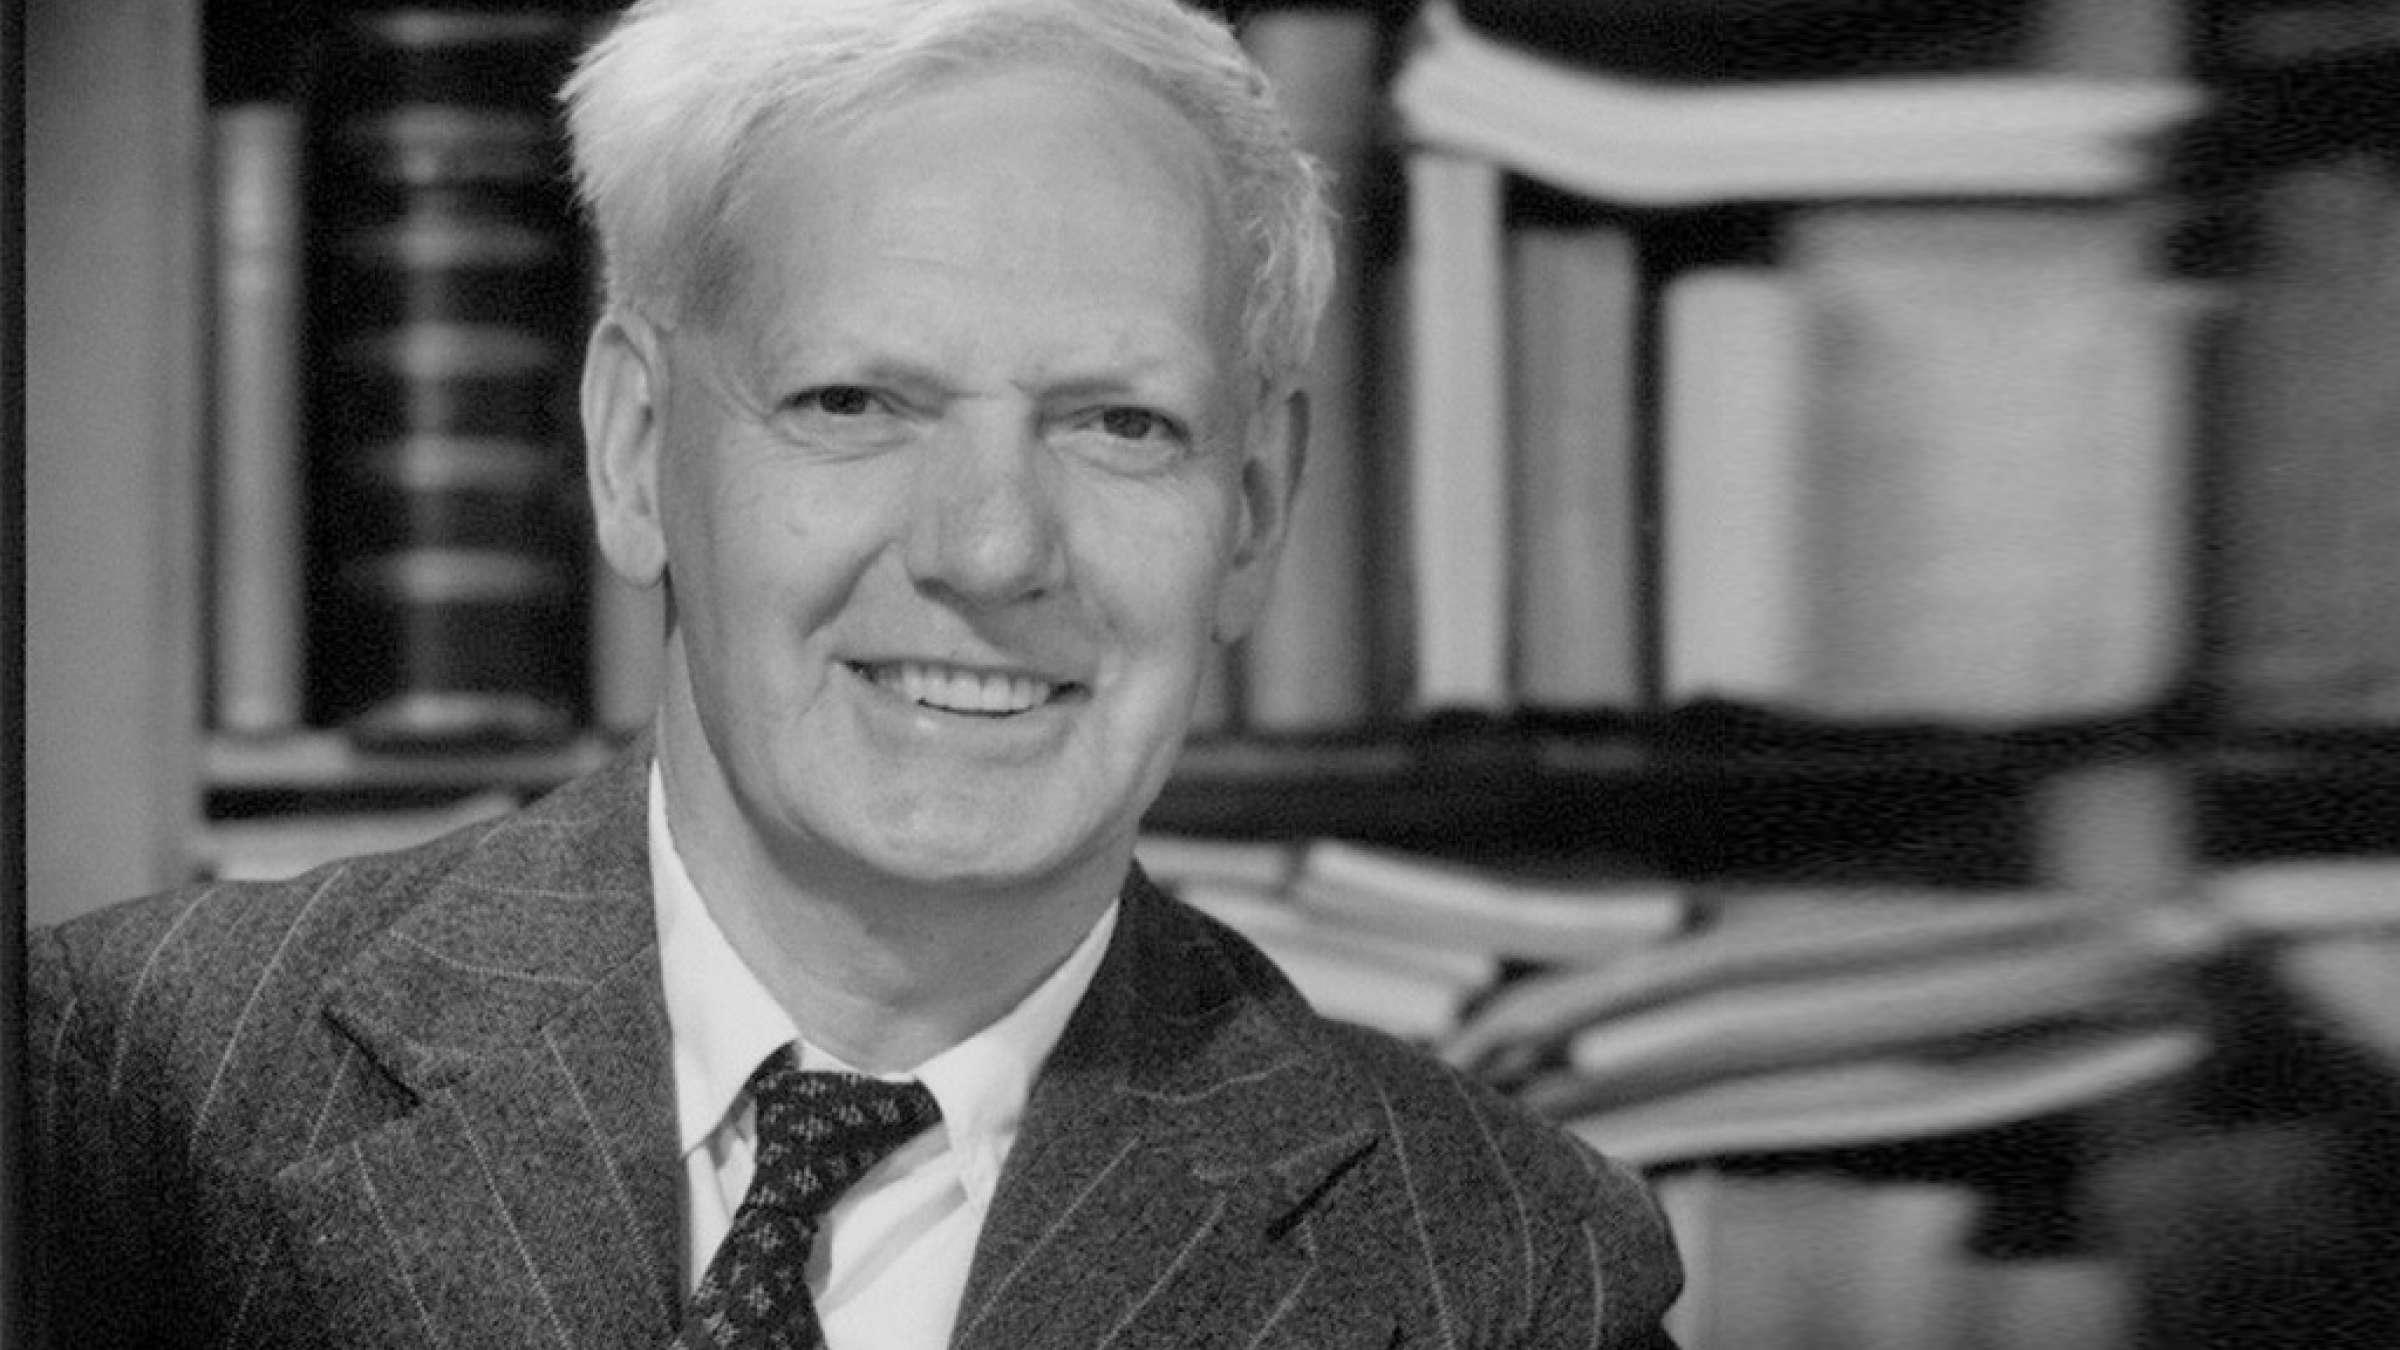 هرالد-والتر-بیلی-اختری-تاریخ